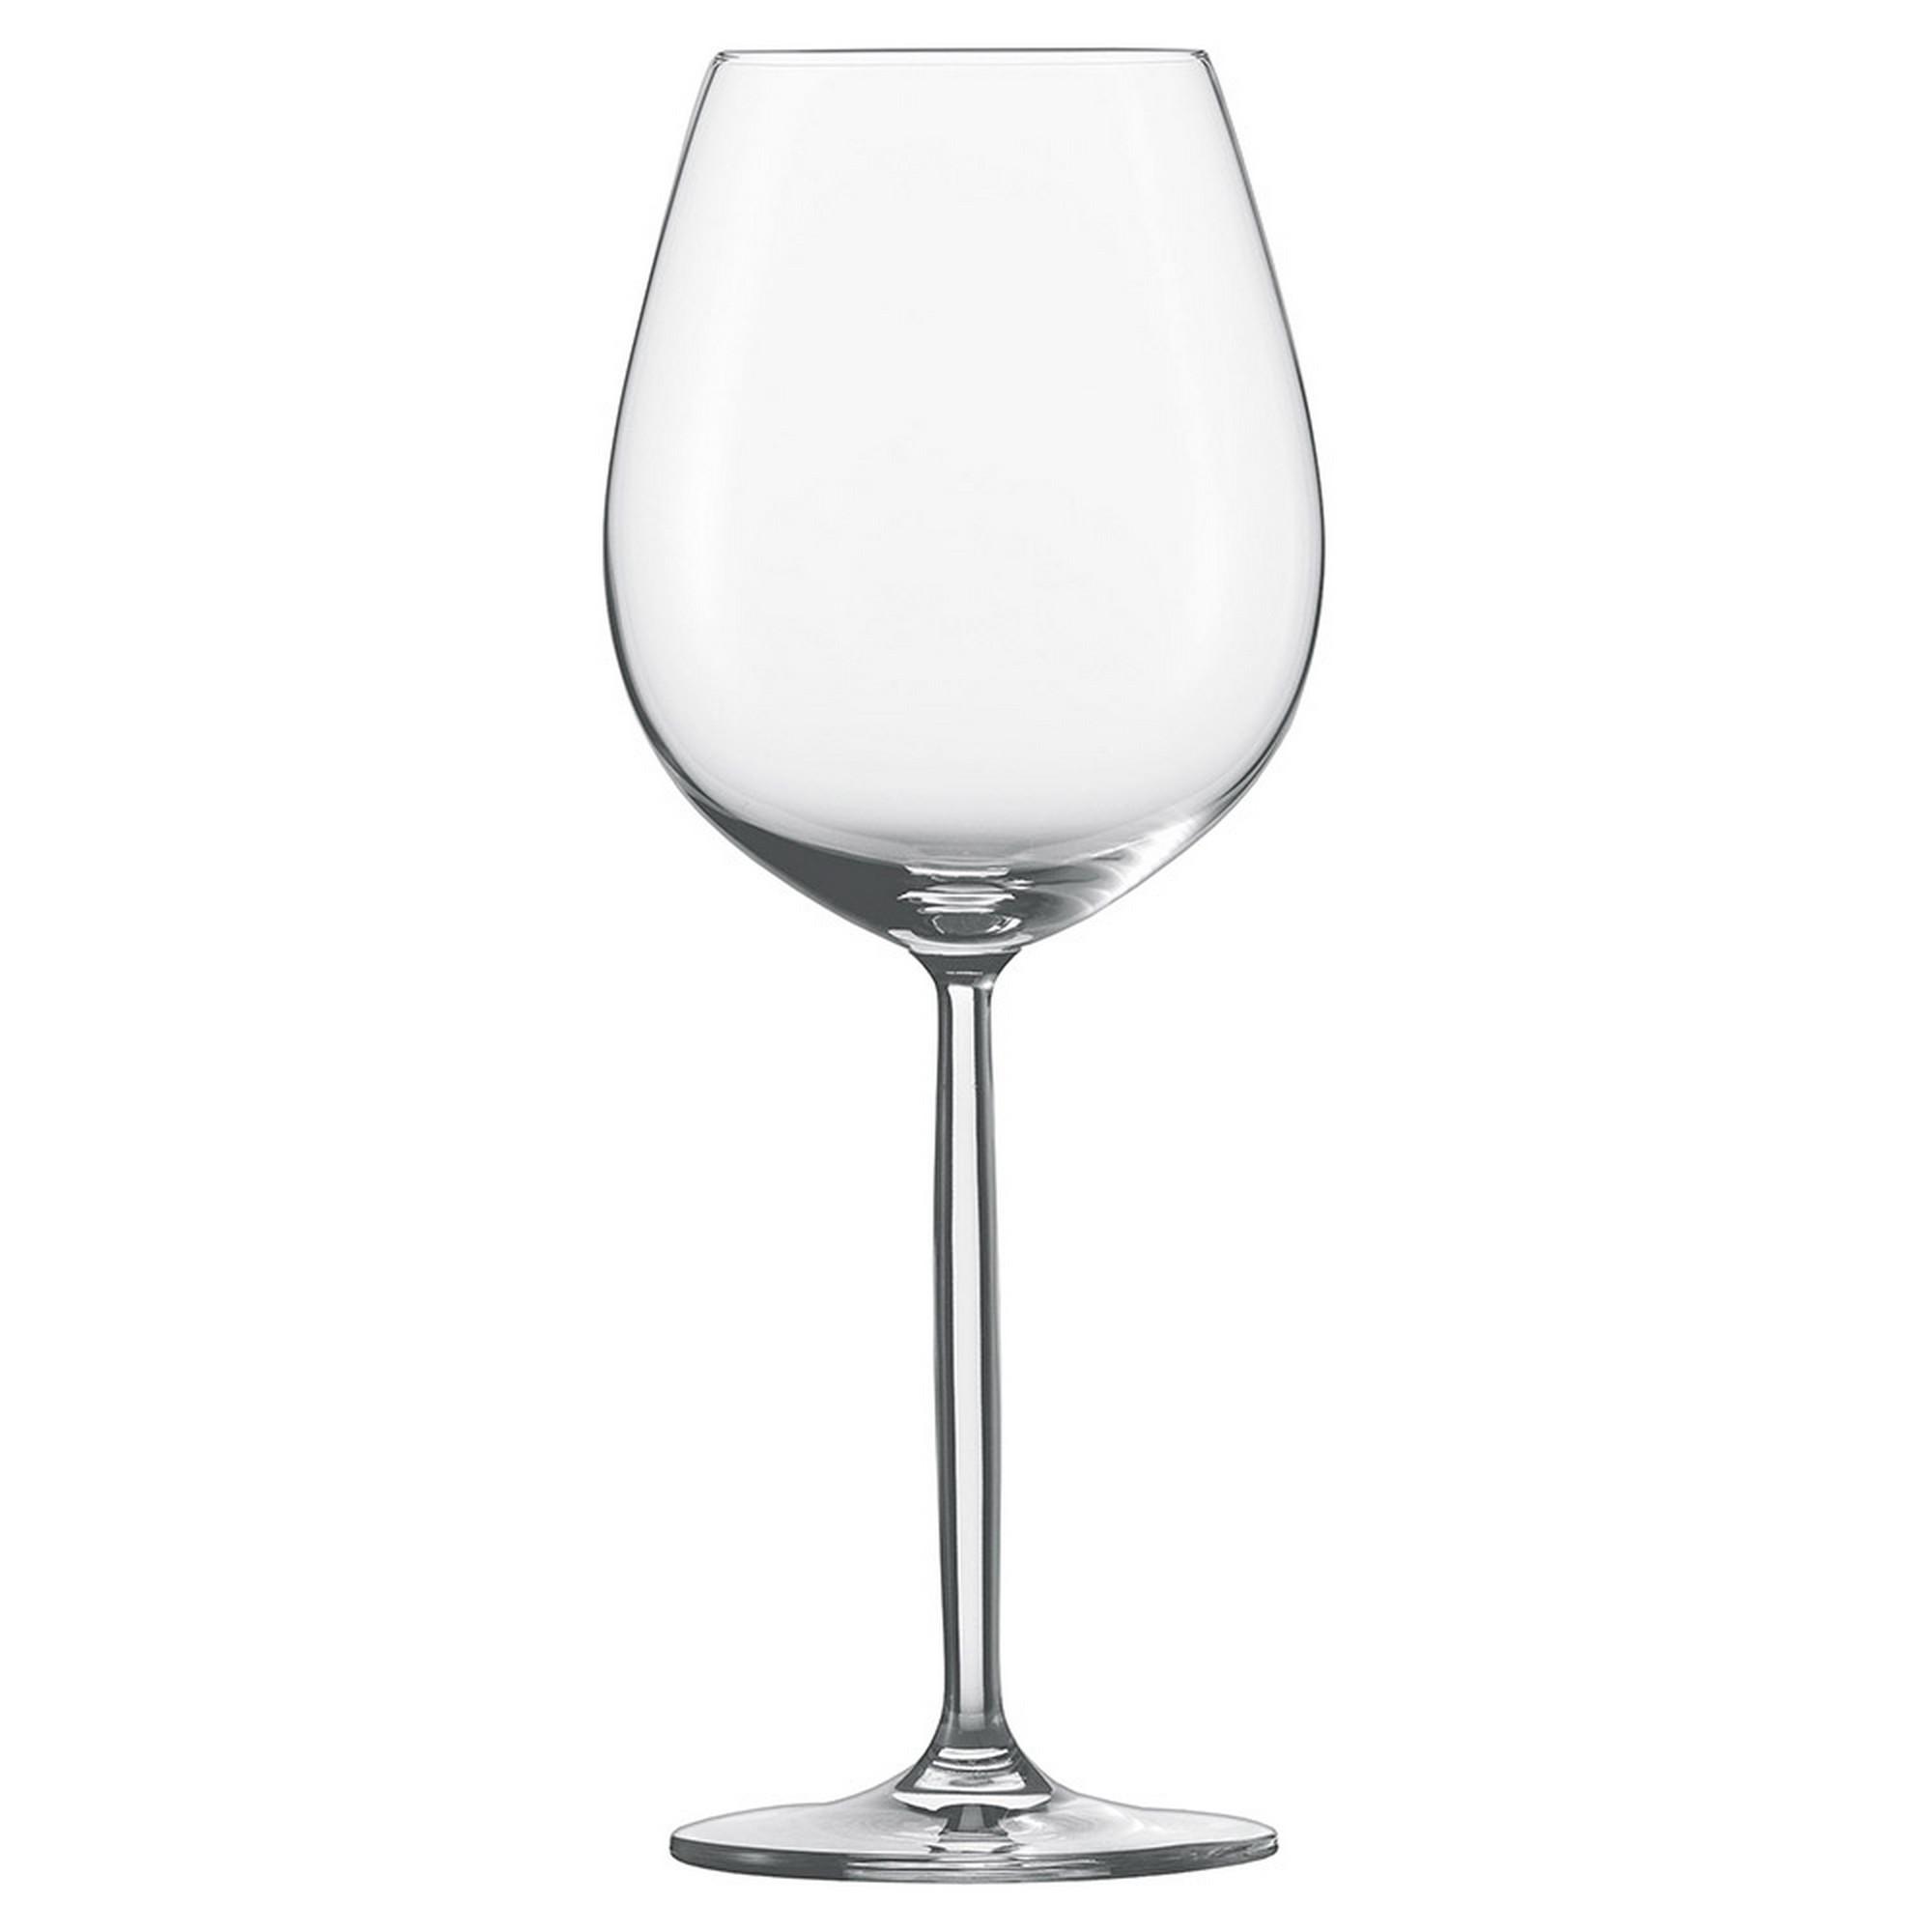 Taça para Água e Vinho Tinto 613ml Schott Zwiesel Diva 6 Peças de Cristal